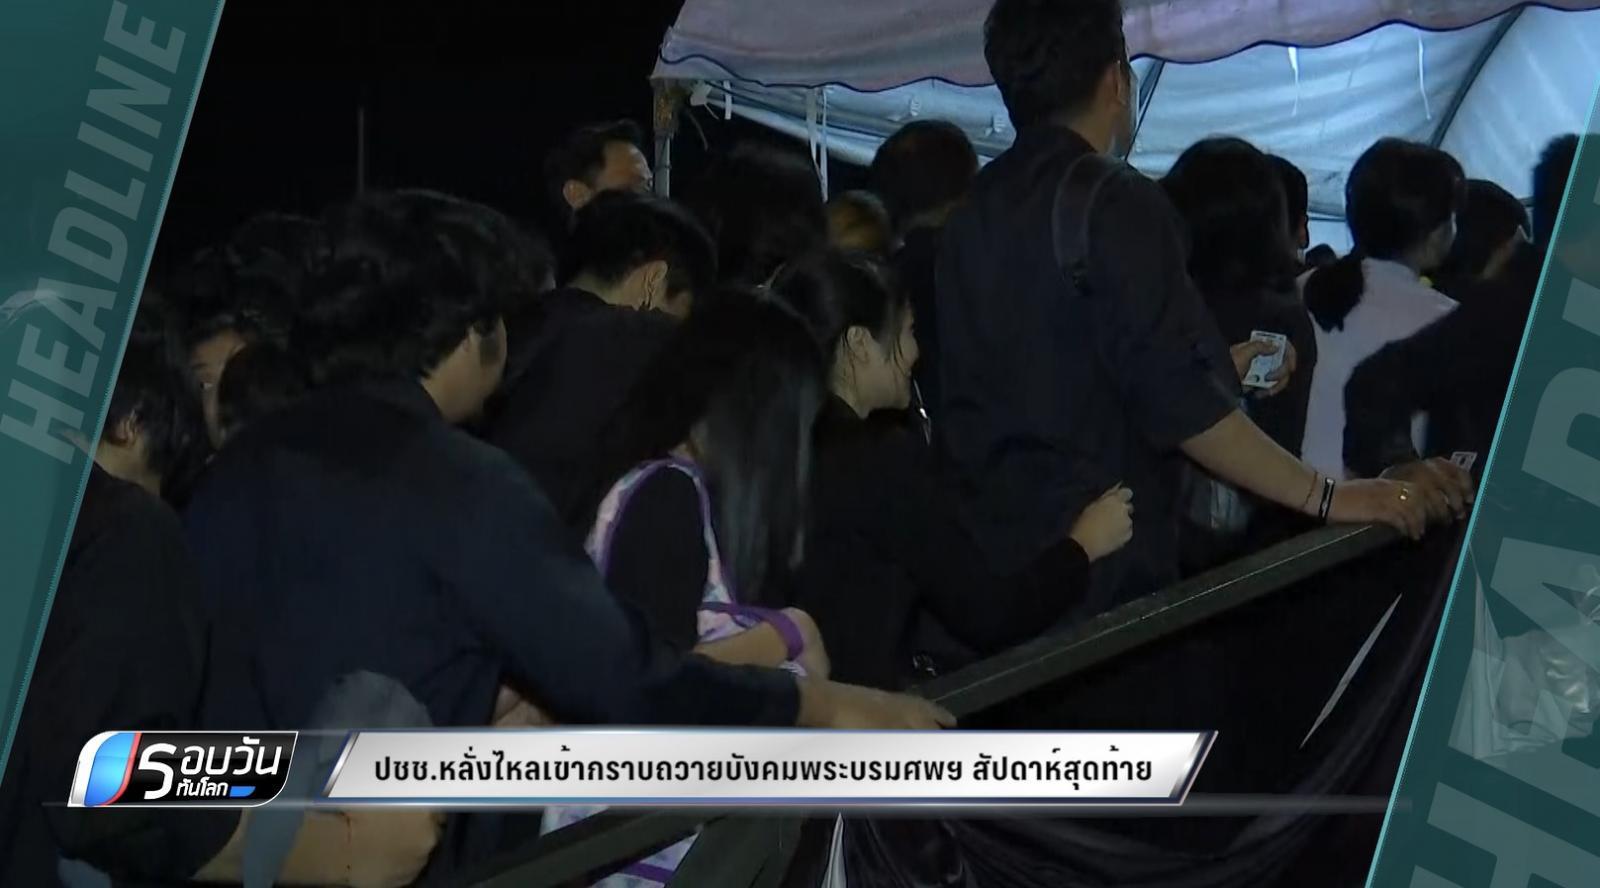 สัปดาห์สุดท้าย ปชช.เข้ากราบถวายบังคมพระบรมศพฯ วันแรกเกิน 1 แสนคน